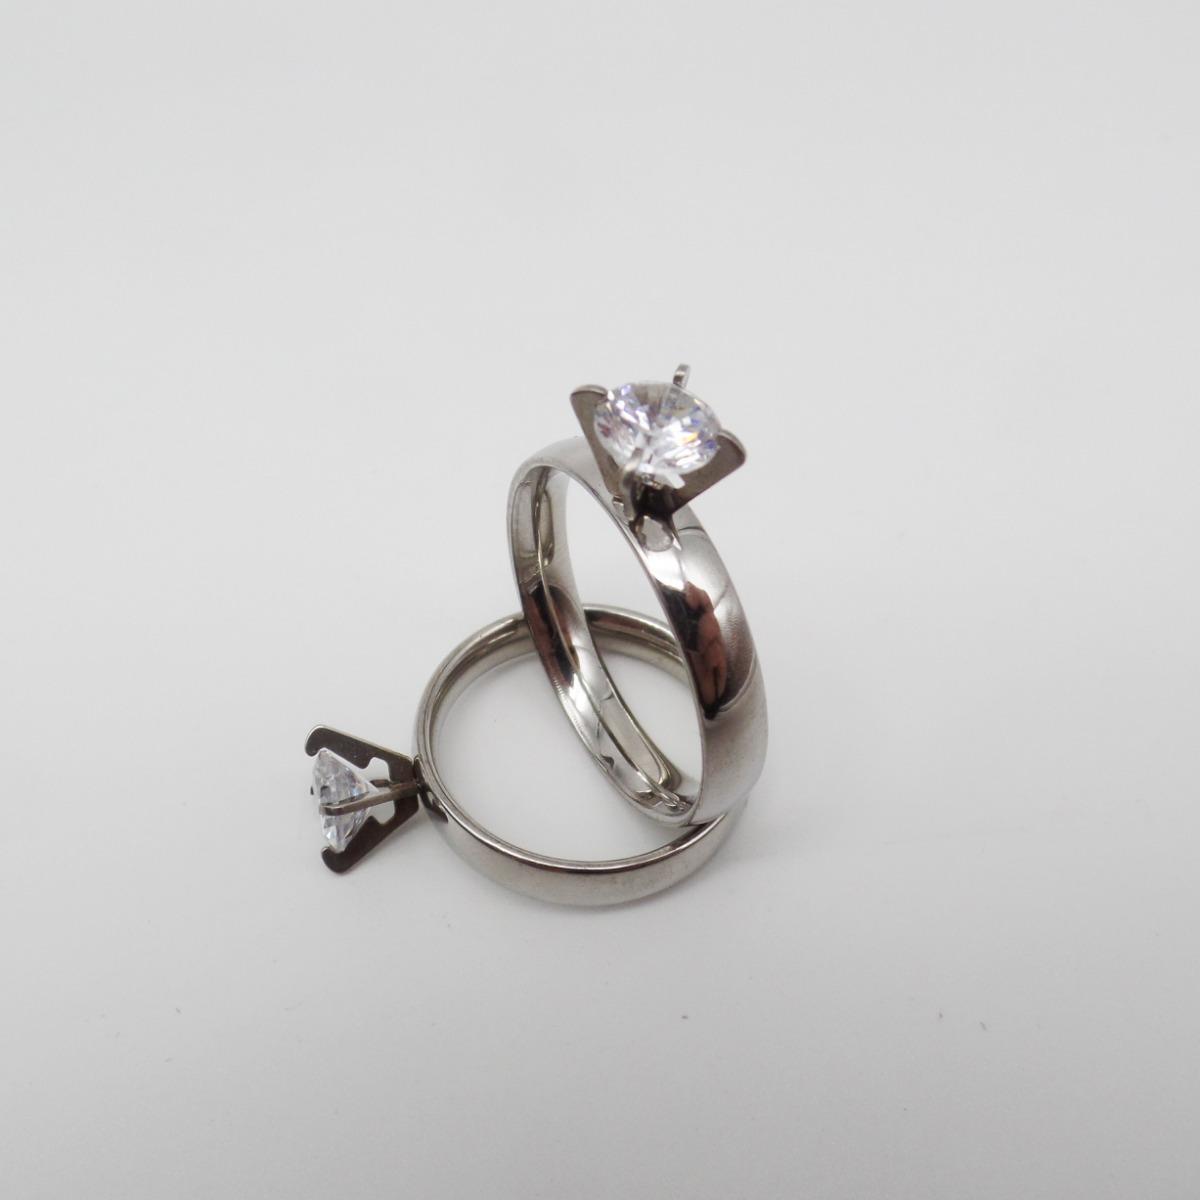 366018323ca0 12 anillos acero quirurgico 316l piedra cubic por mayor. Cargando zoom.